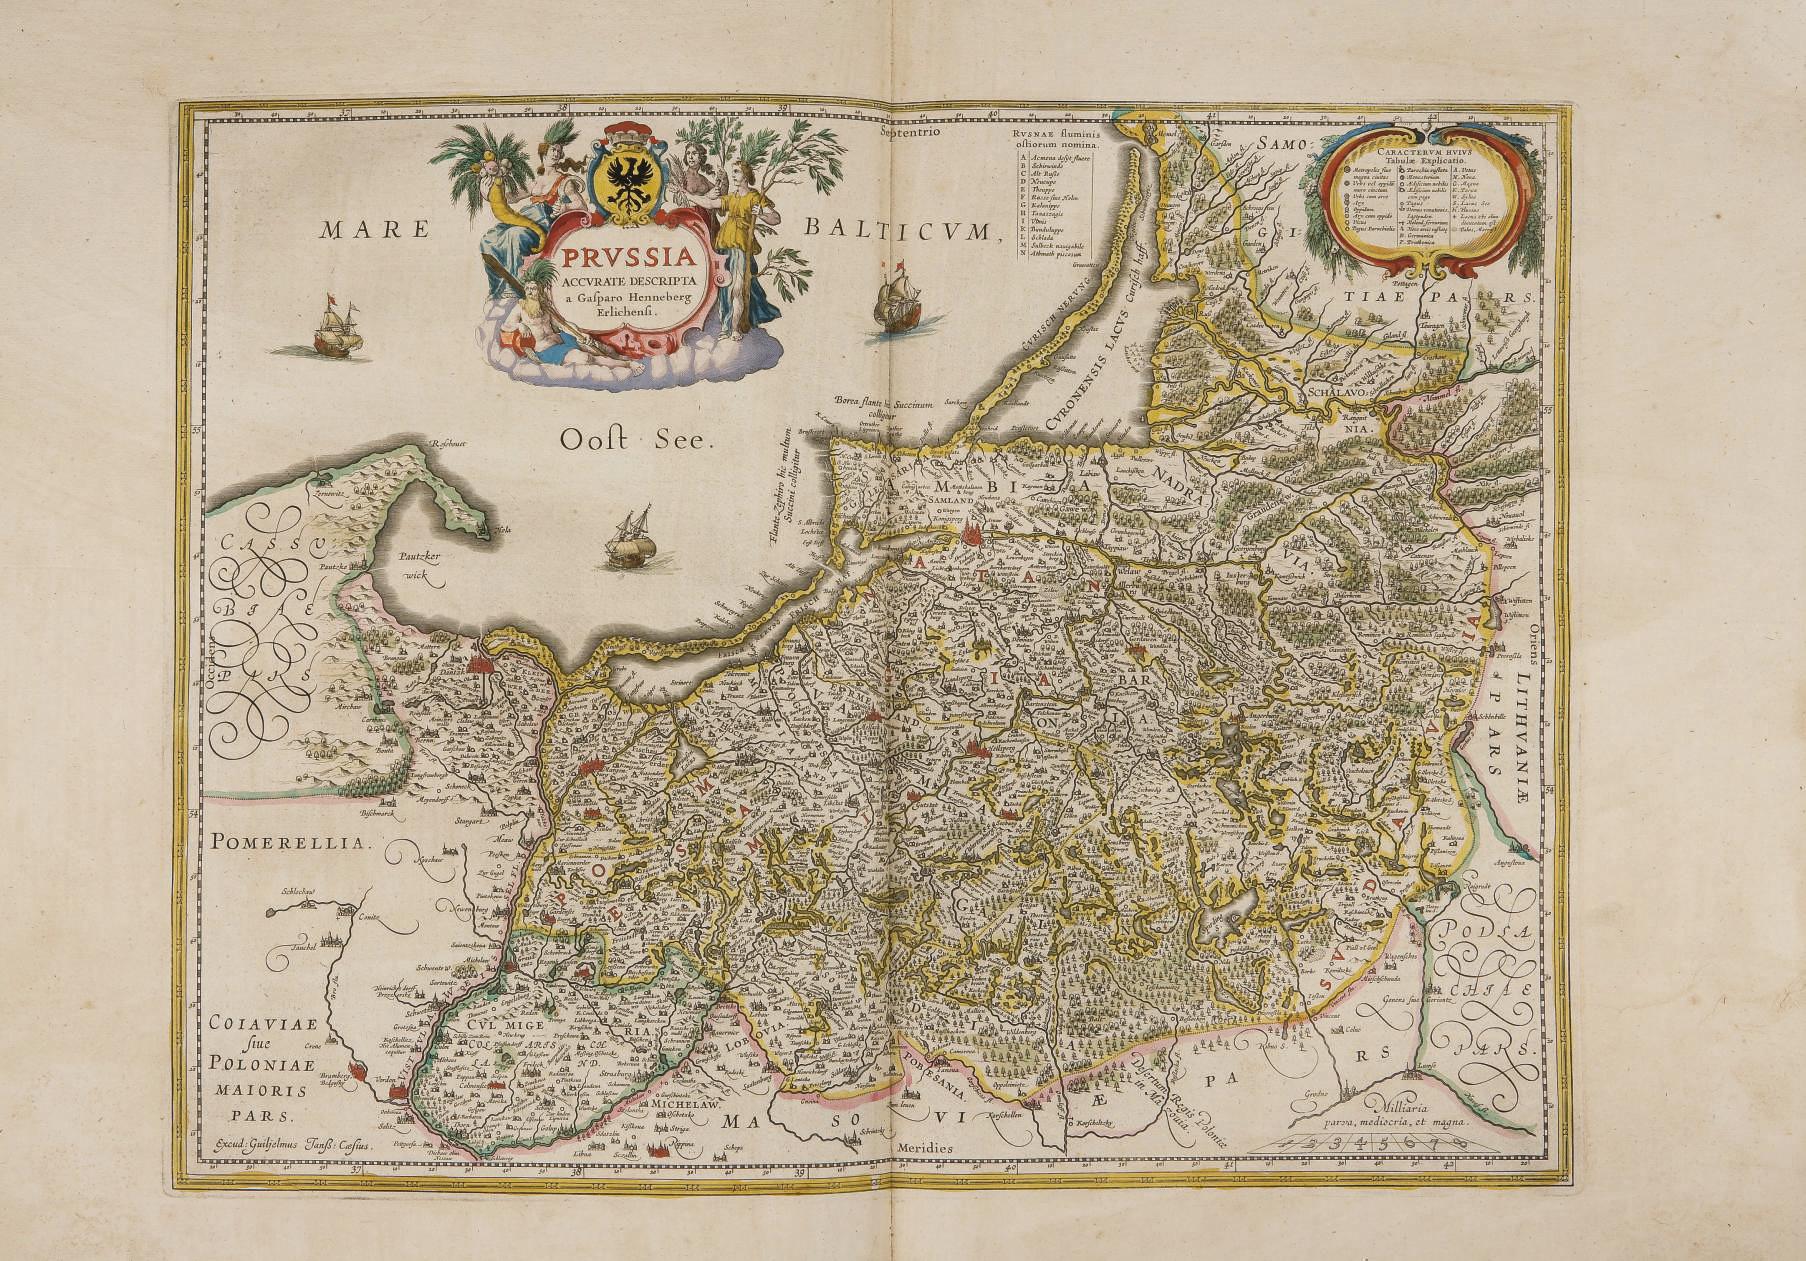 BLAEU, Willem (1571-1638) & BLAEU, Jan (1596-1673). Atlas Mayor, ò Geographia que contiene las Cartas, y Descripciones de partes orientales de Europa. [Volume II seul] . Amsterdam: Blaeu, [1658-1672].